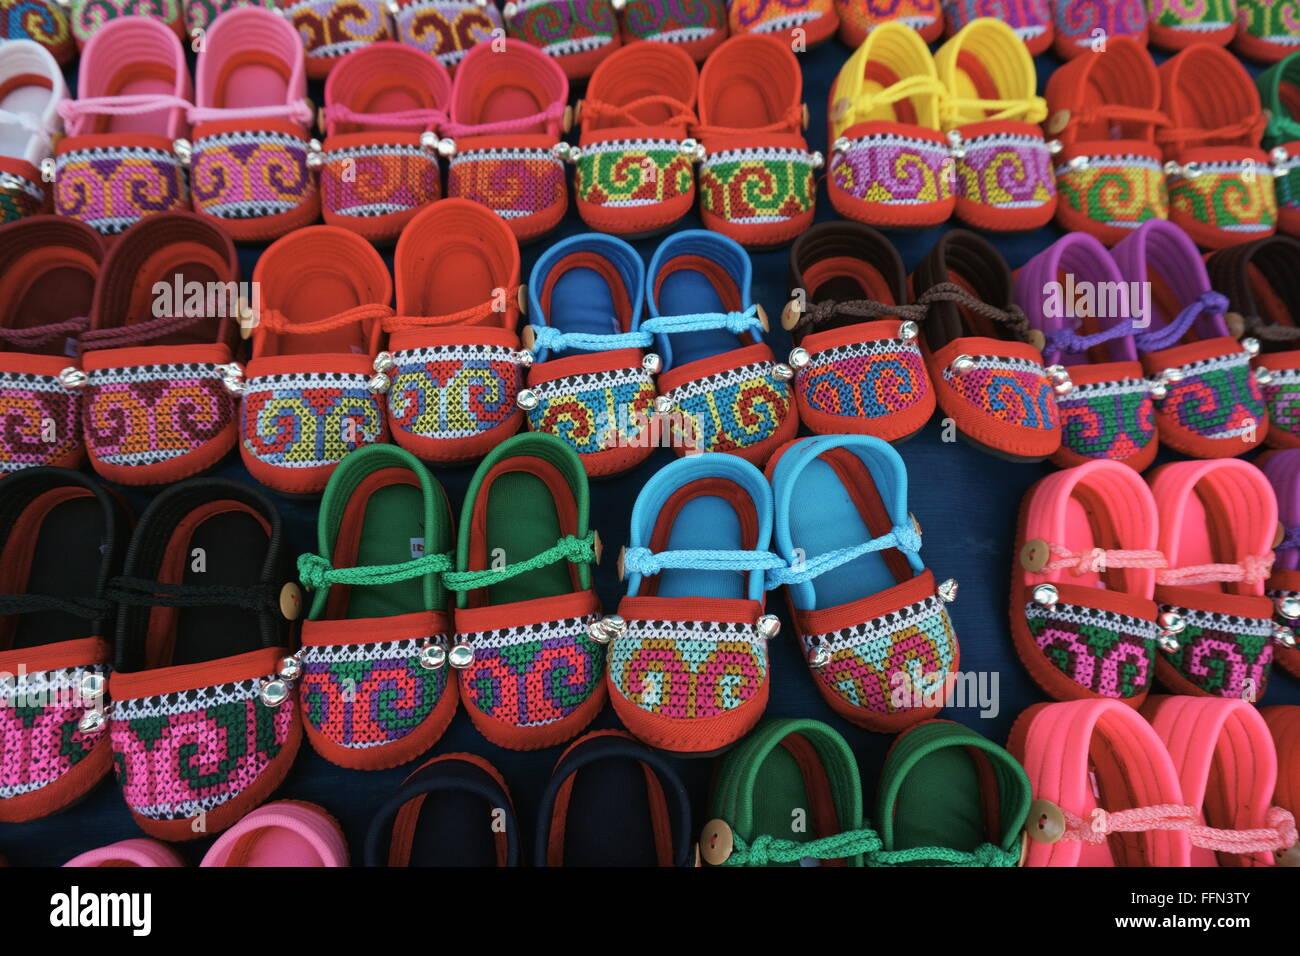 795ac39a71277 bunte Hügel Stamm Stickerei Handwerk - Babyschuhe am Nachtmarkt in  Chiangmai Thailand